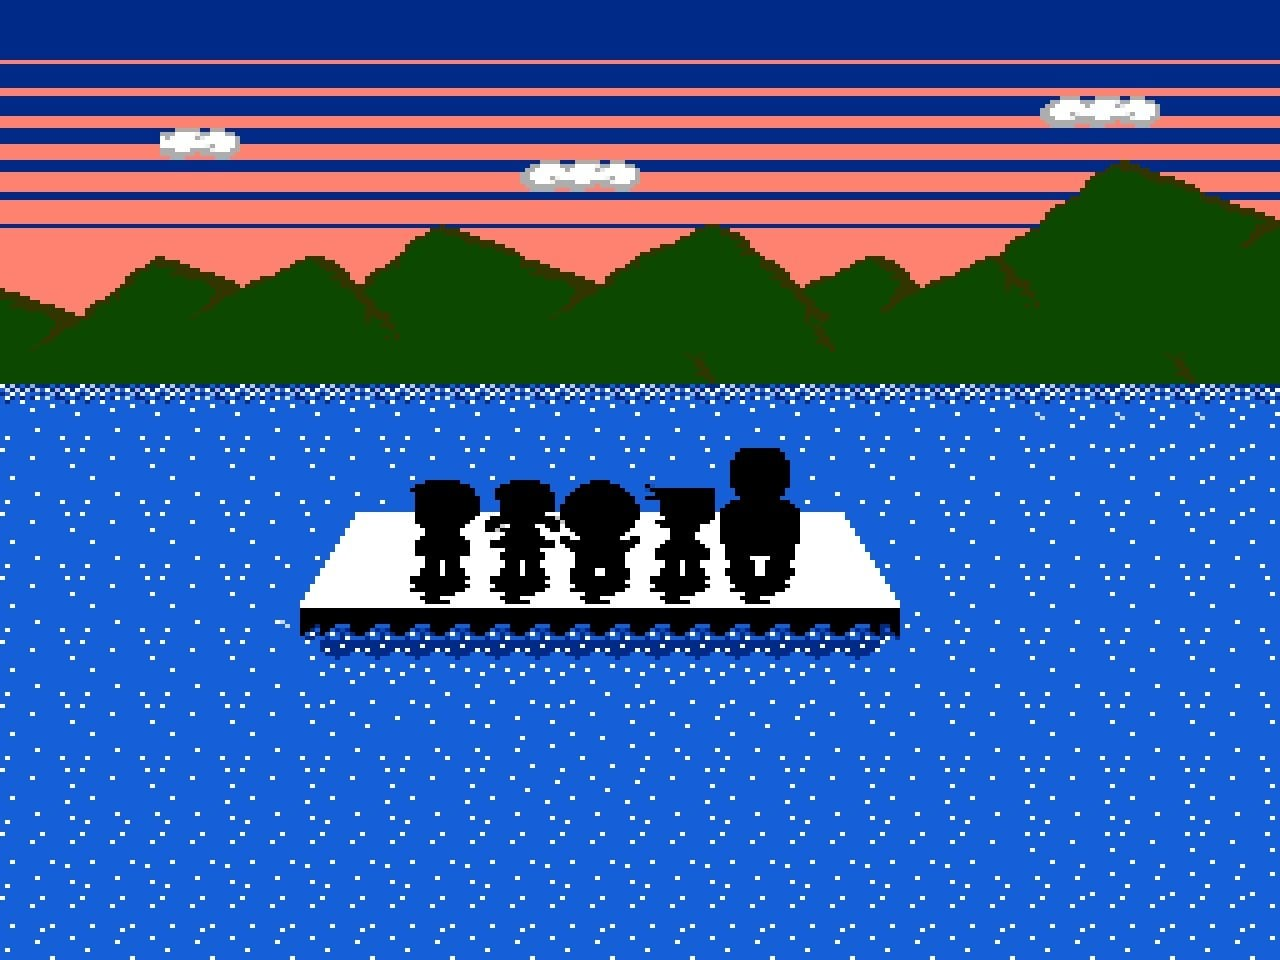 ファミコンゲーム3本分の面白さを凝縮!? ハドソン版『ドラえもん』に感じた「底しれぬ原作愛」の画像014